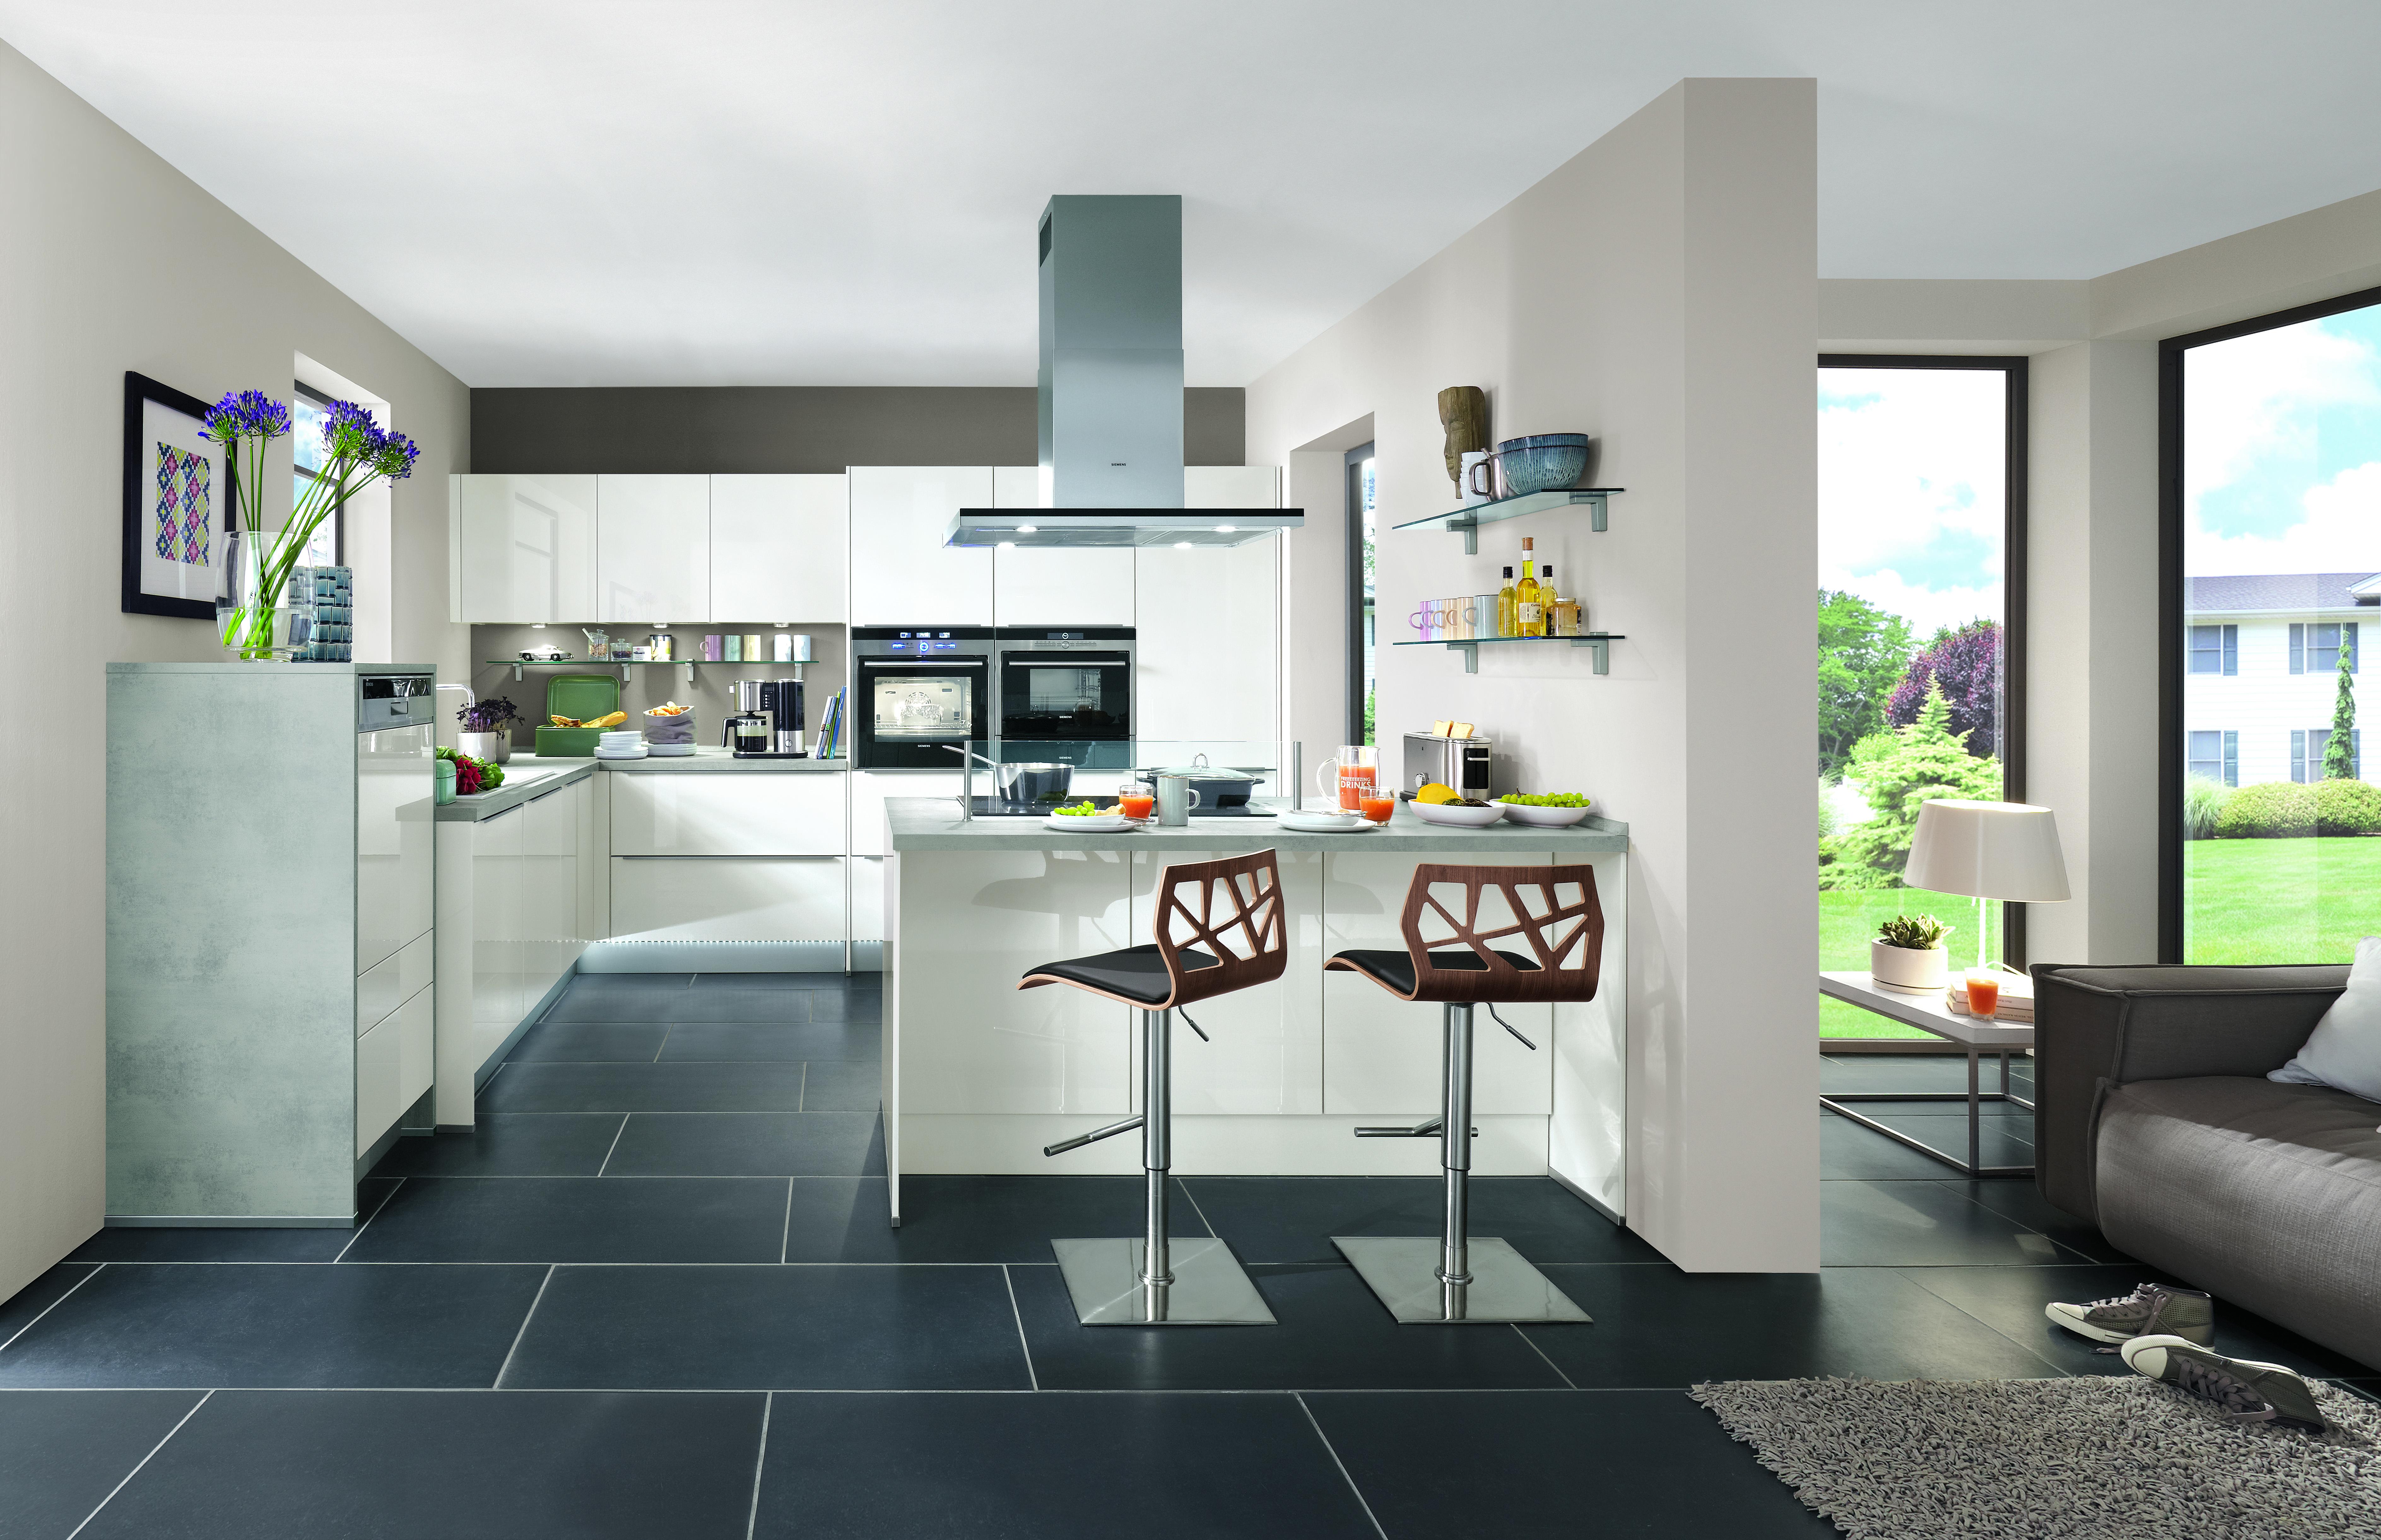 Küchenboden: Welcher Belag eignet sich für die Küche?